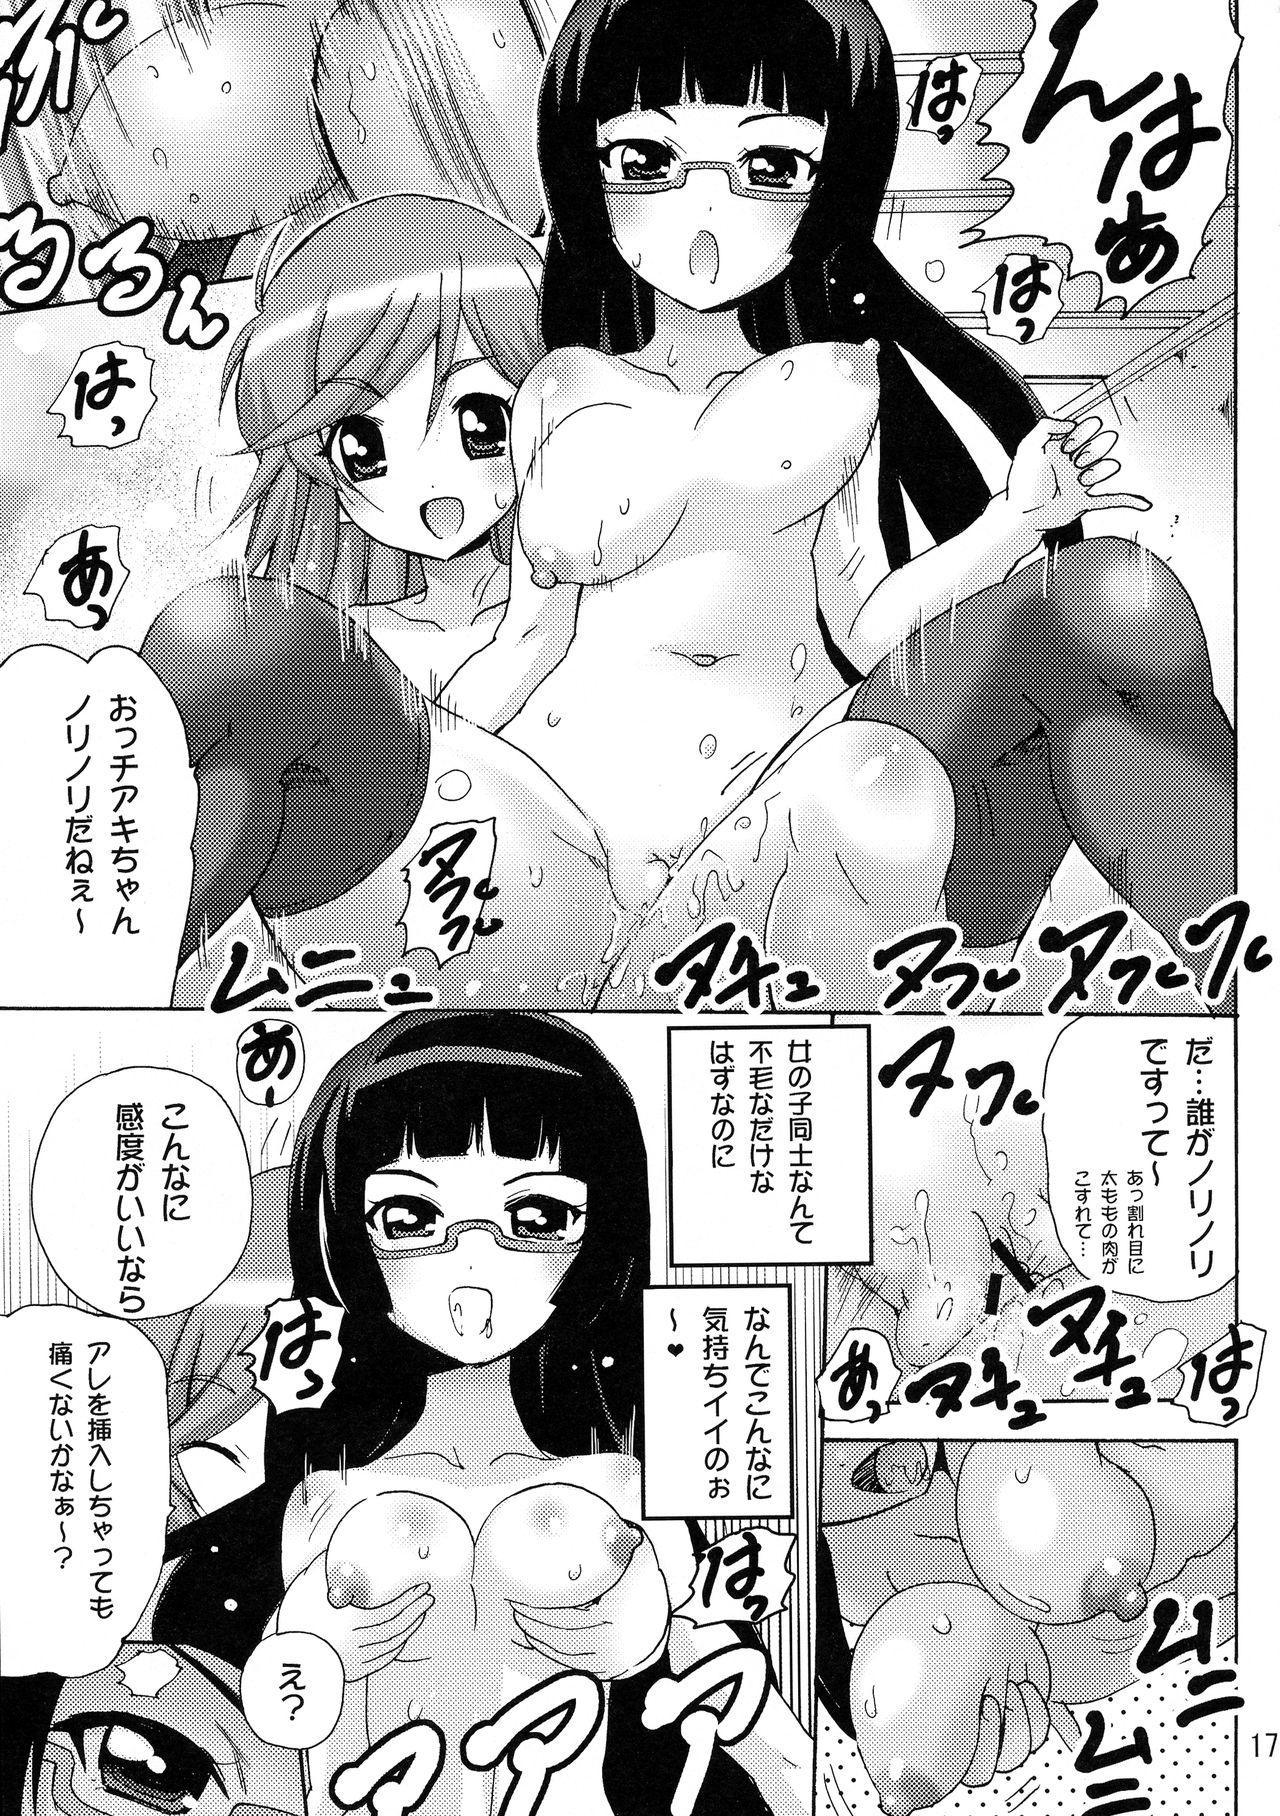 Koisuru Uchuu Kaizoku Musume 16